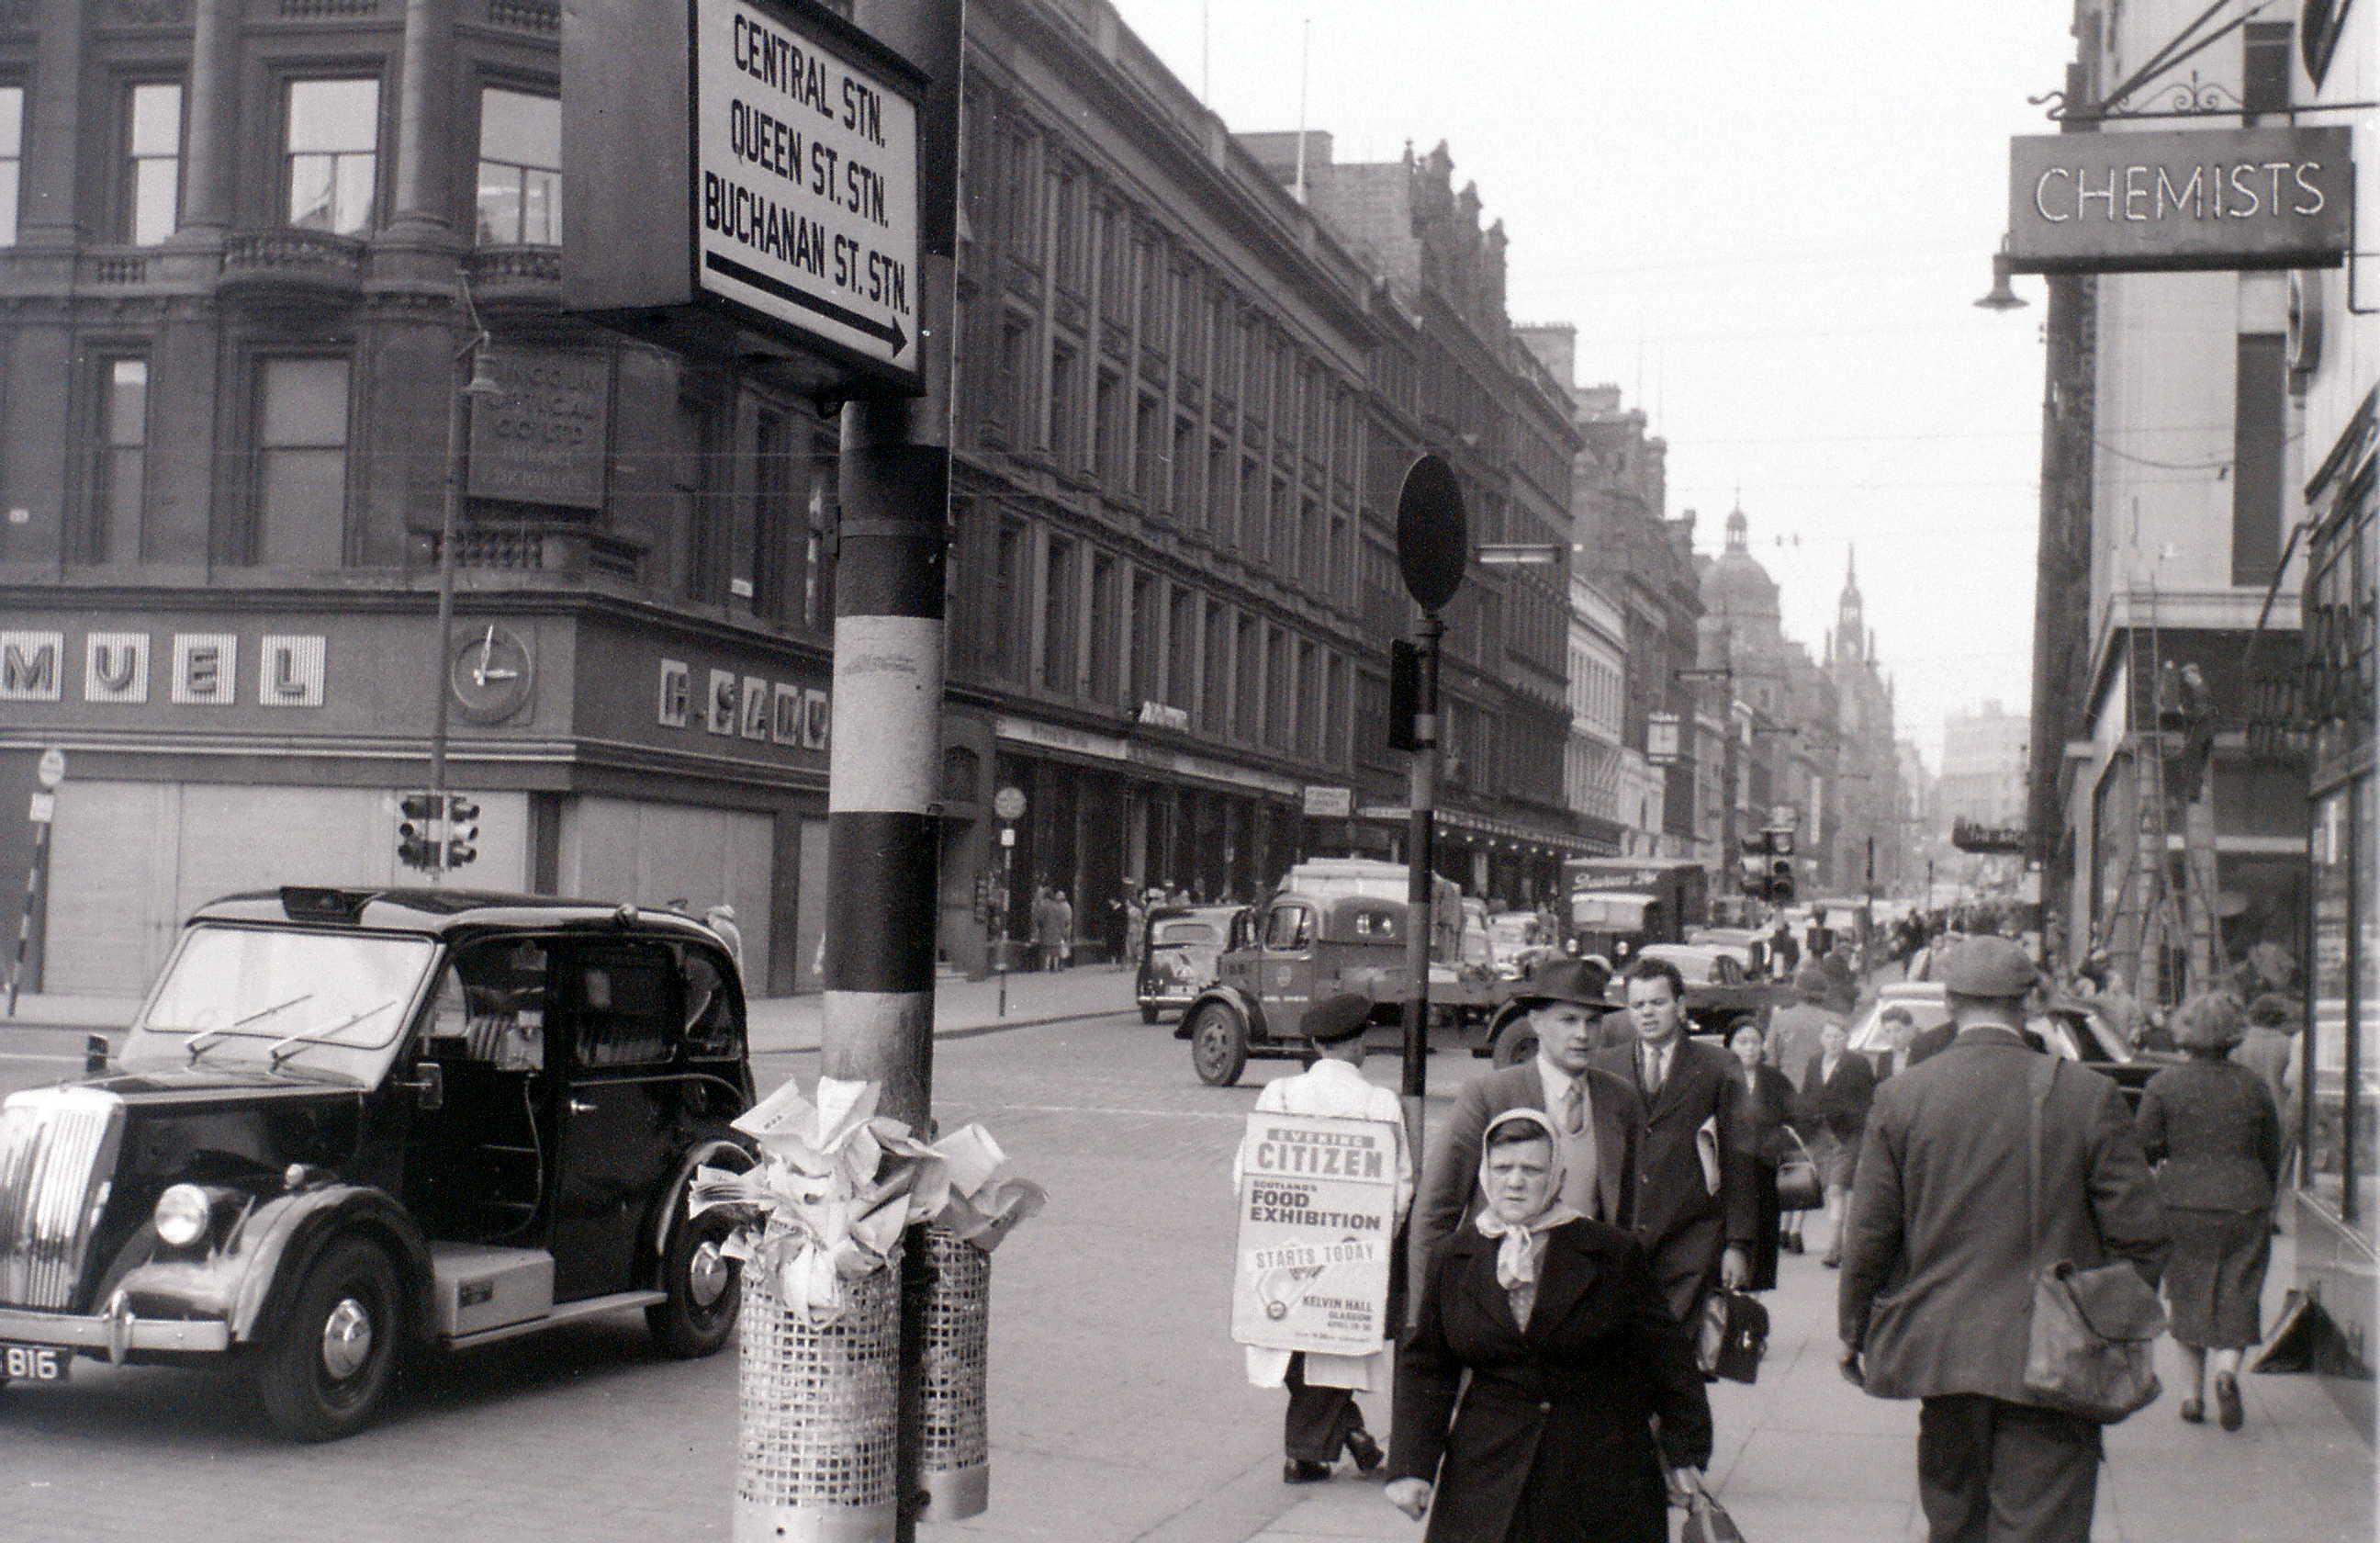 Глазго, 19 апреля 1960. Бьюкенен-стрит.jpg